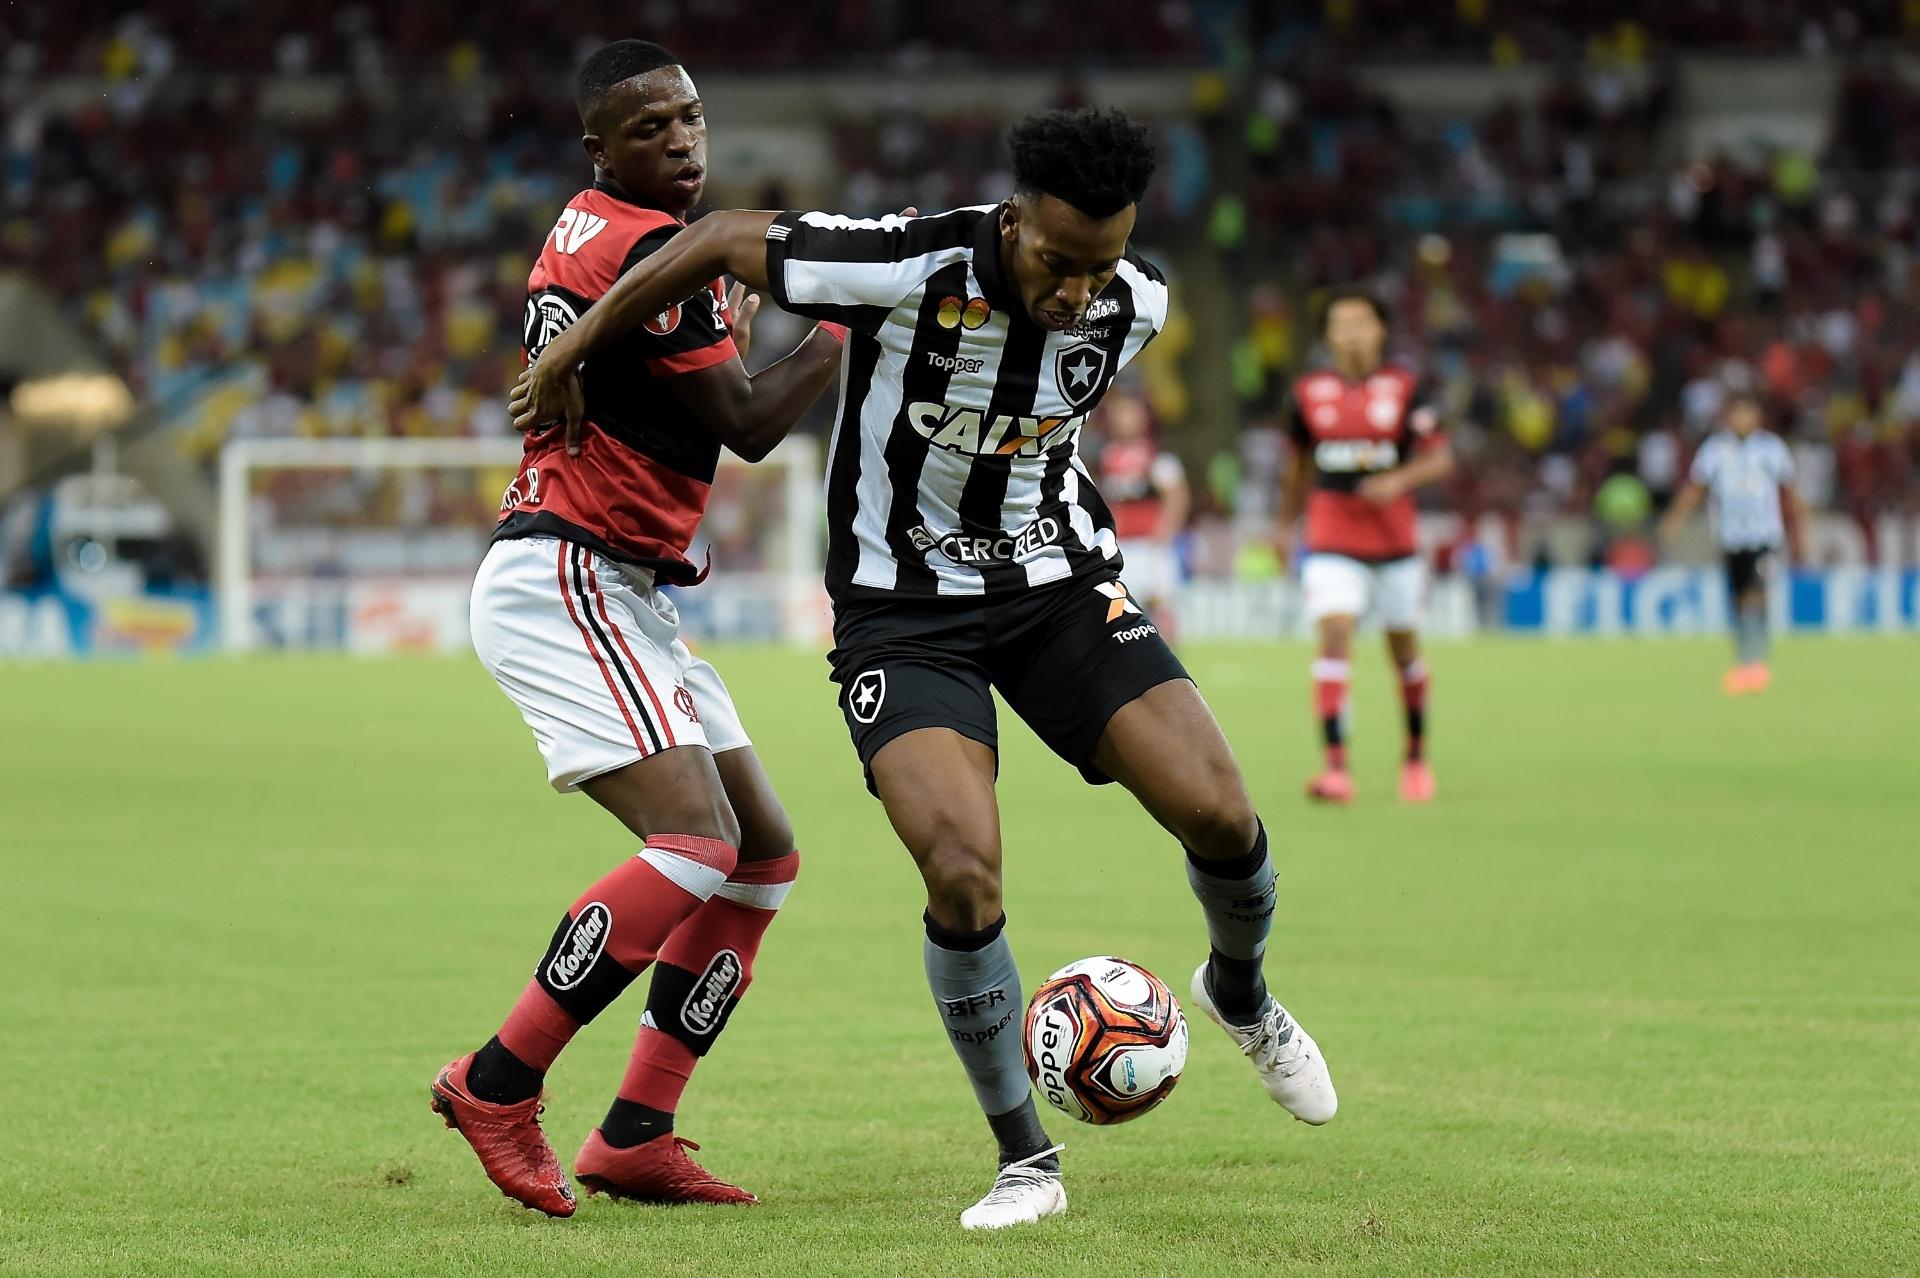 Flamengo entra em crise com eliminação e deve ter mudanças no futebol -  29 03 2018 - UOL Esporte e302f5c71e63a